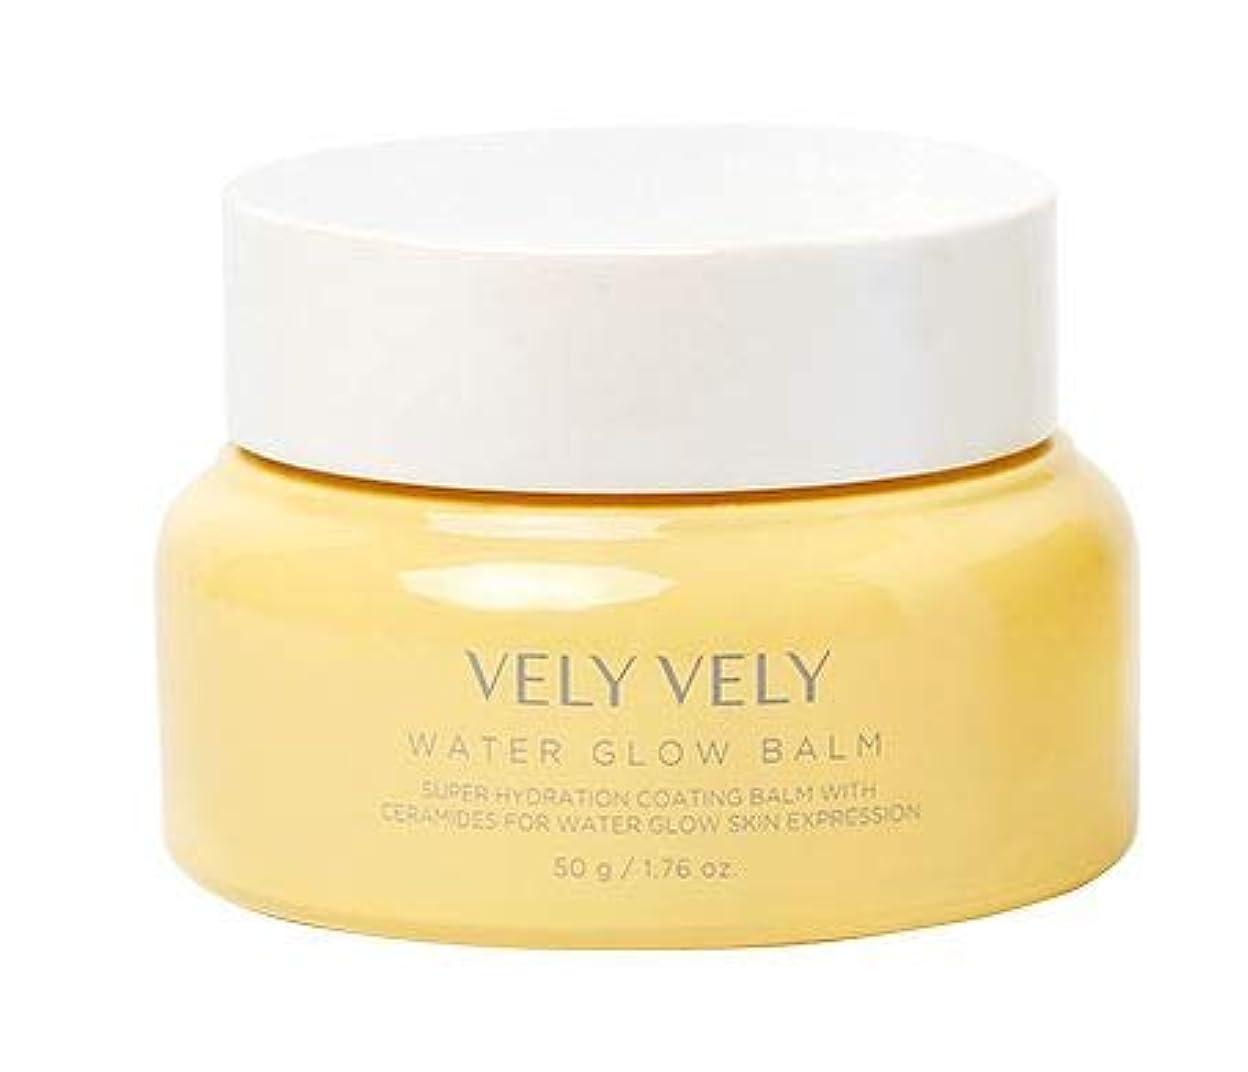 アピール調整可能噴出するVely Vely Water Glow Balm(ウォーターグローバーム) 50g [並行輸入品]